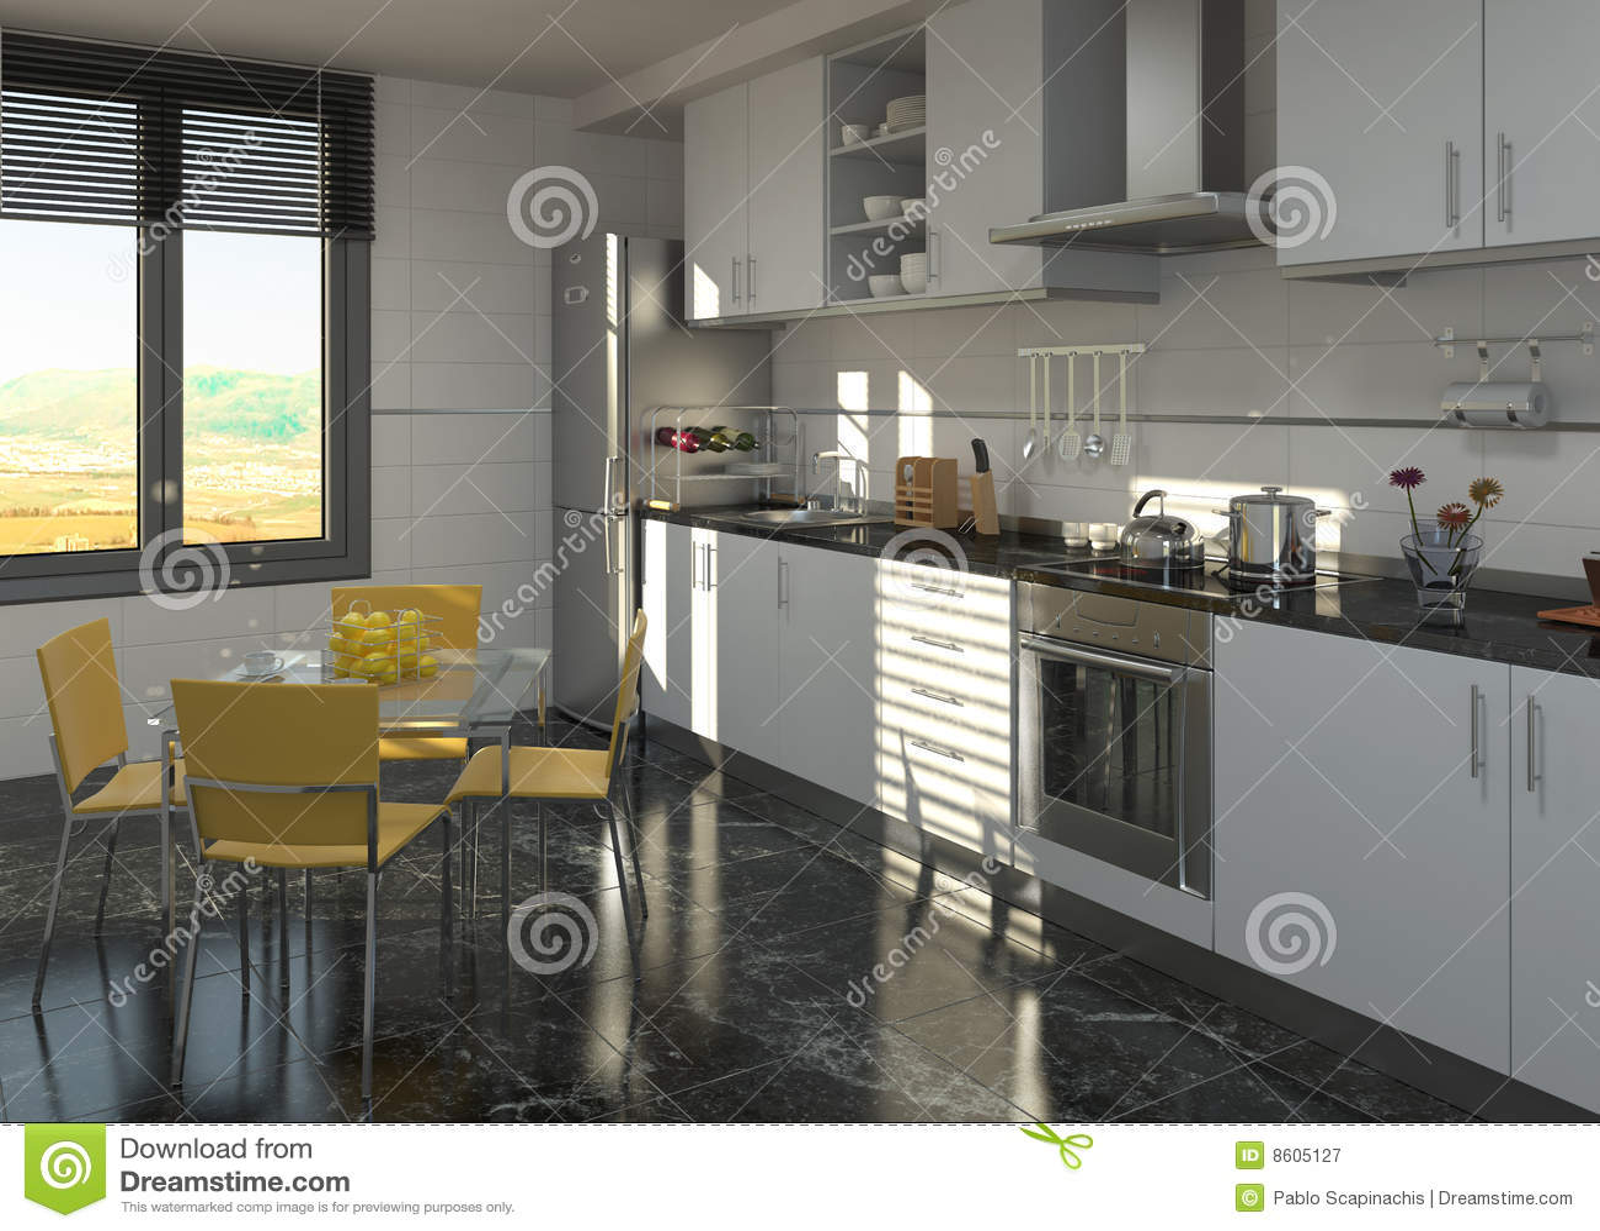 Dise o interior de la cocina moderna fotograf a de archivo for Interior cocinas modernas